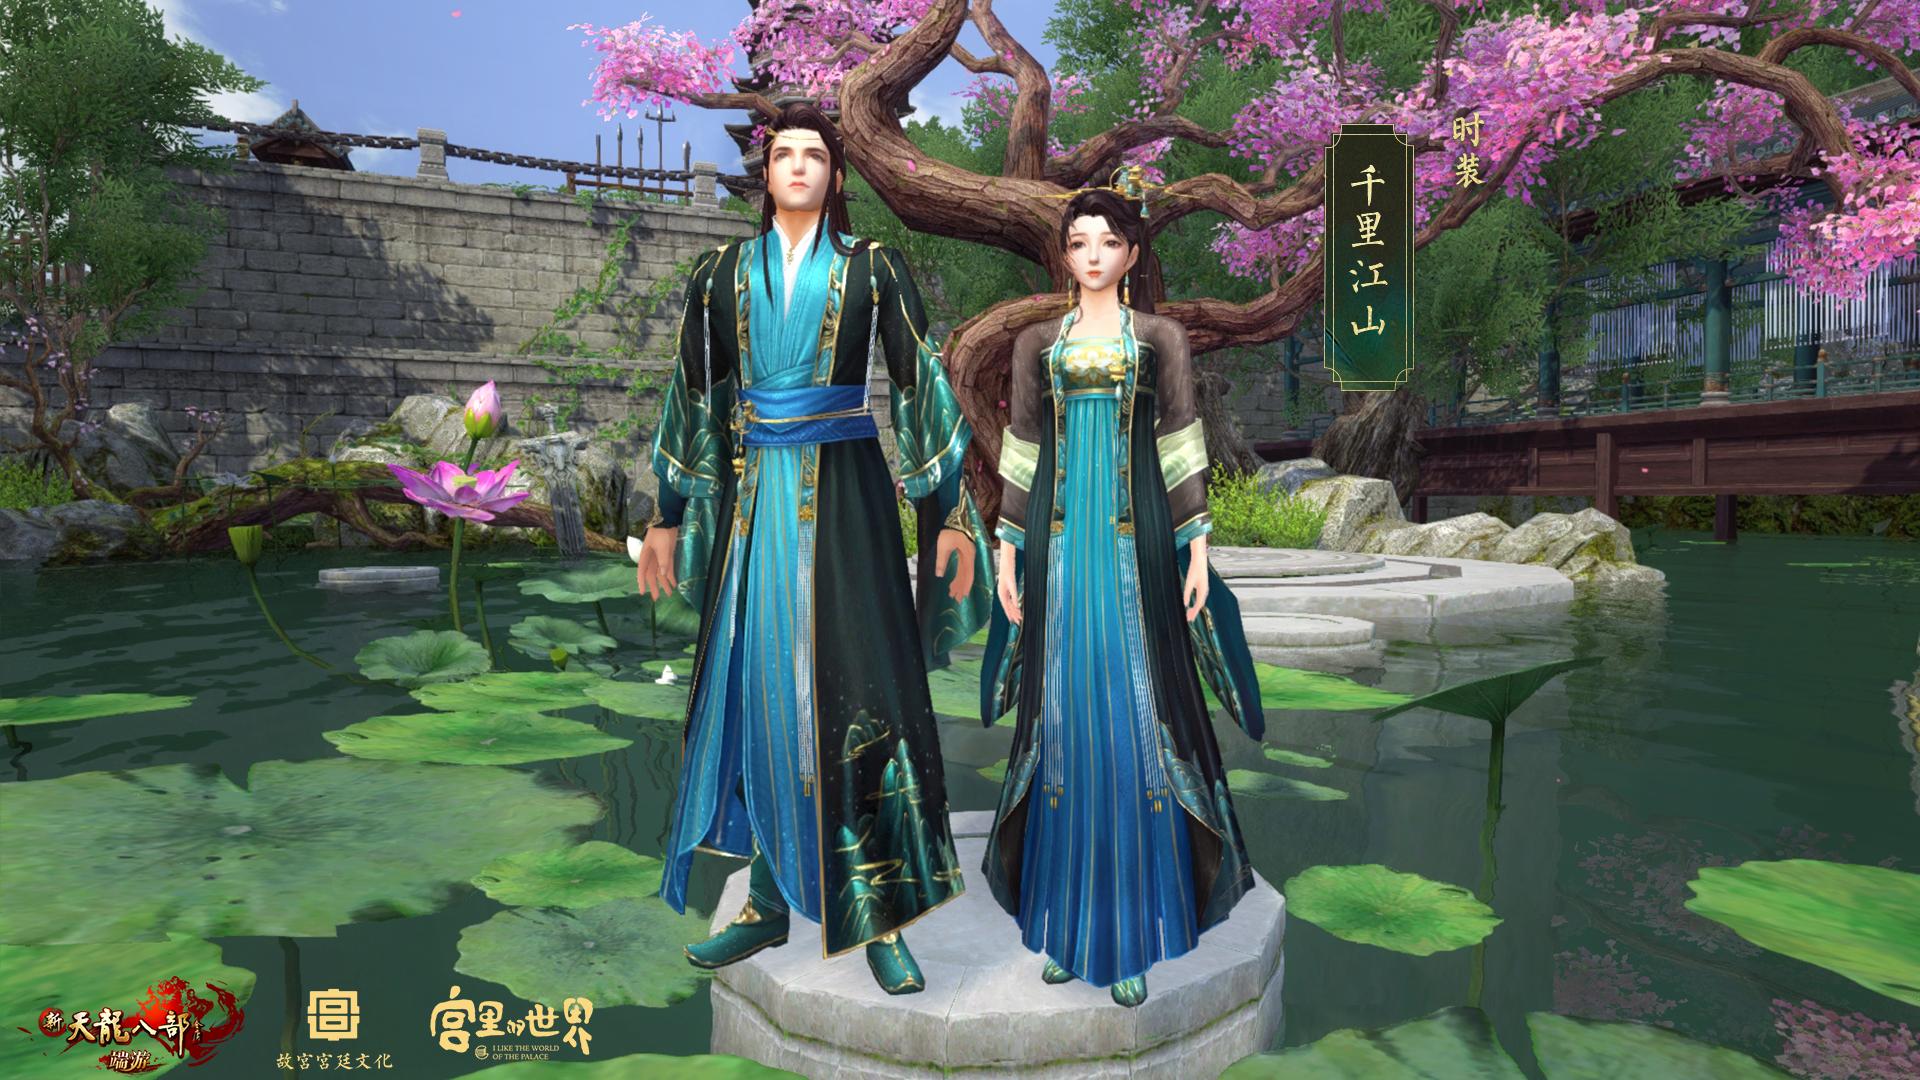 图1:时装:千里江山游戏内效果